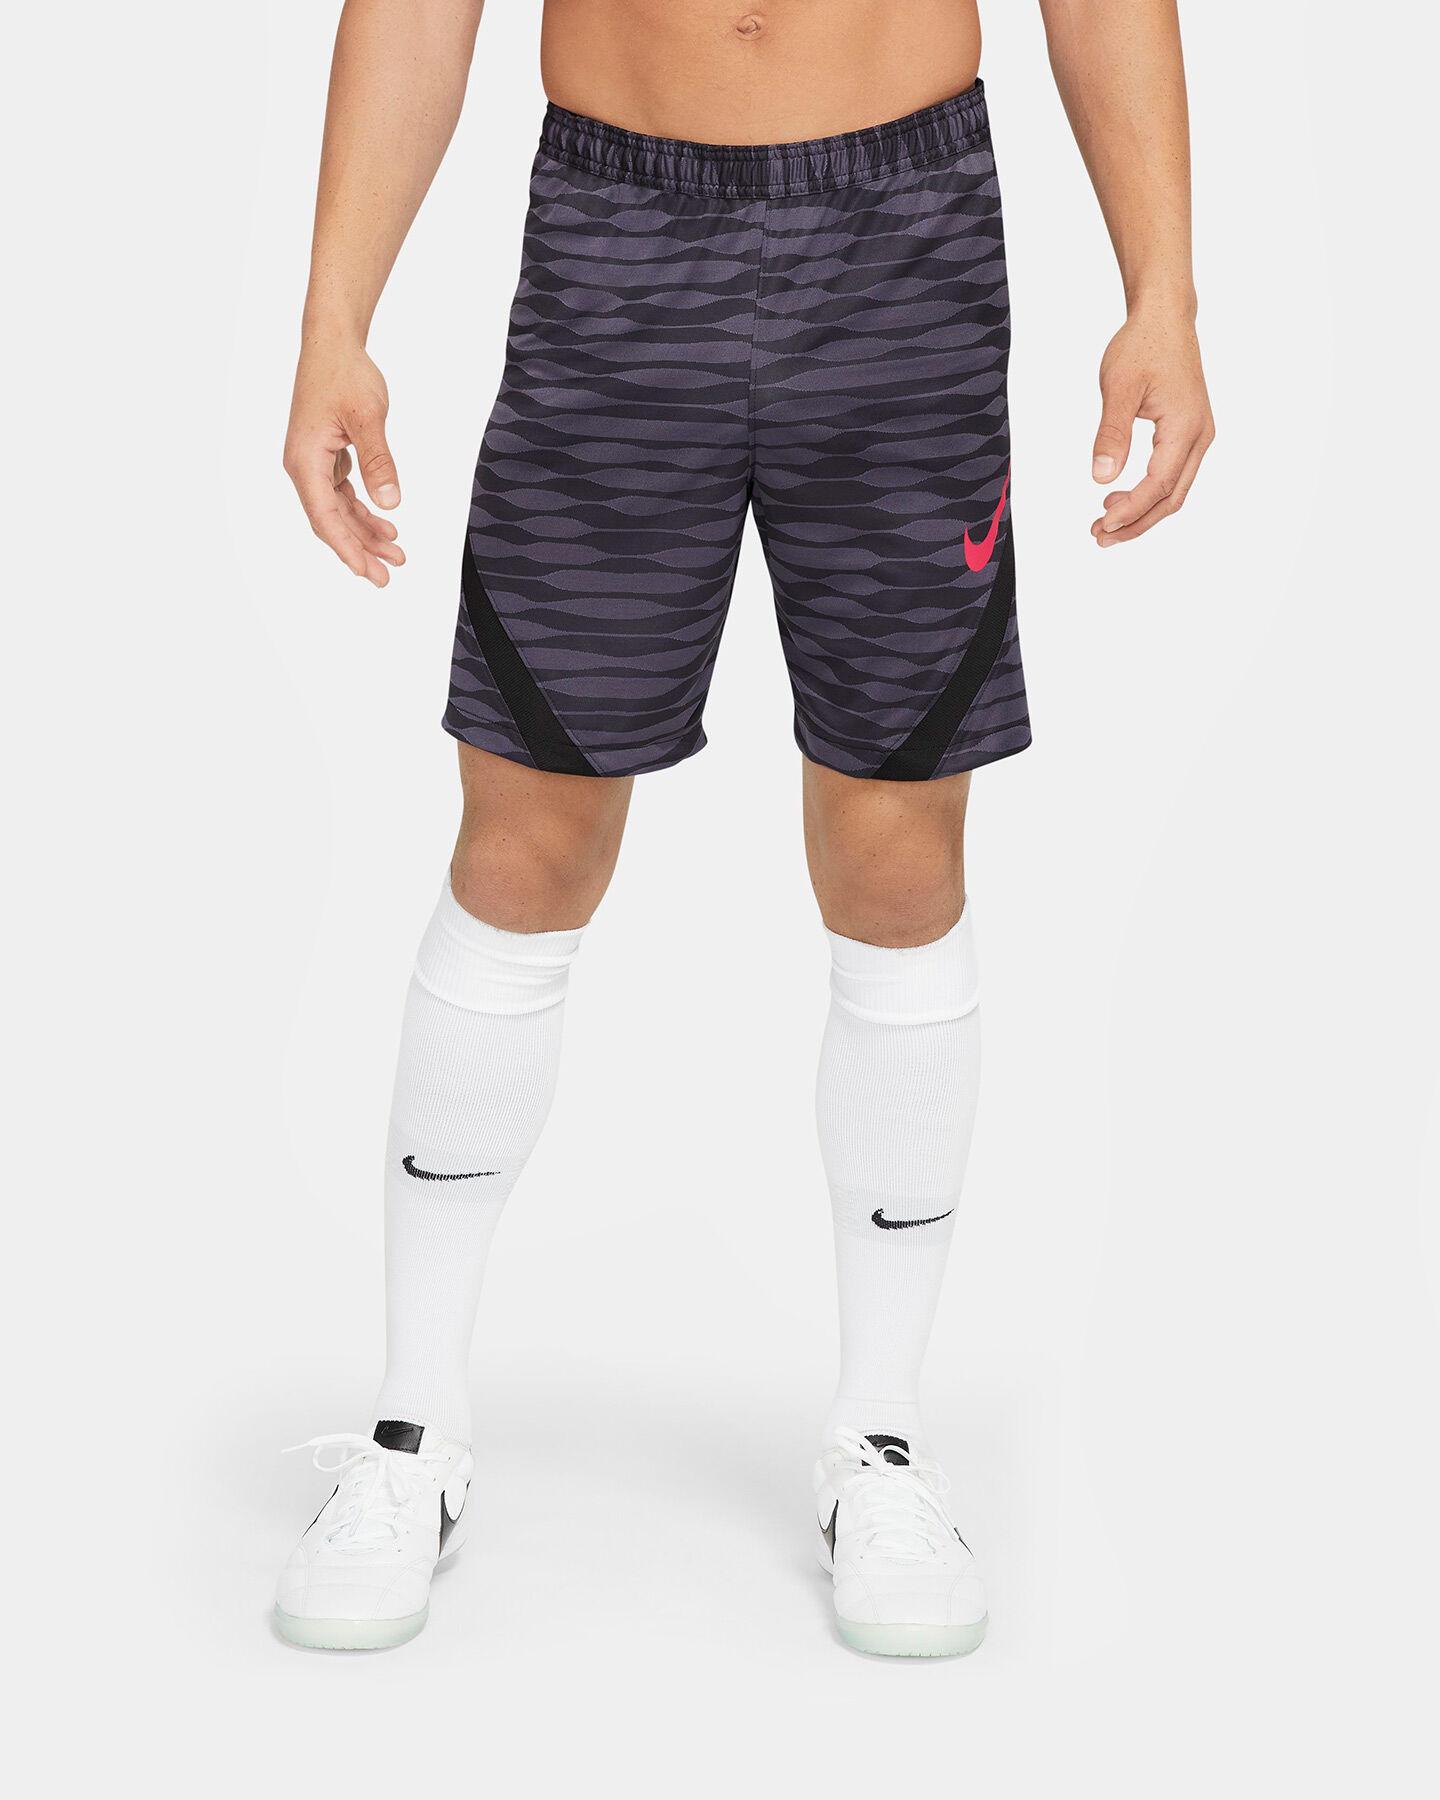 Pantaloncini calcio NIKE DRY STRKE21 M S5269253 scatto 3